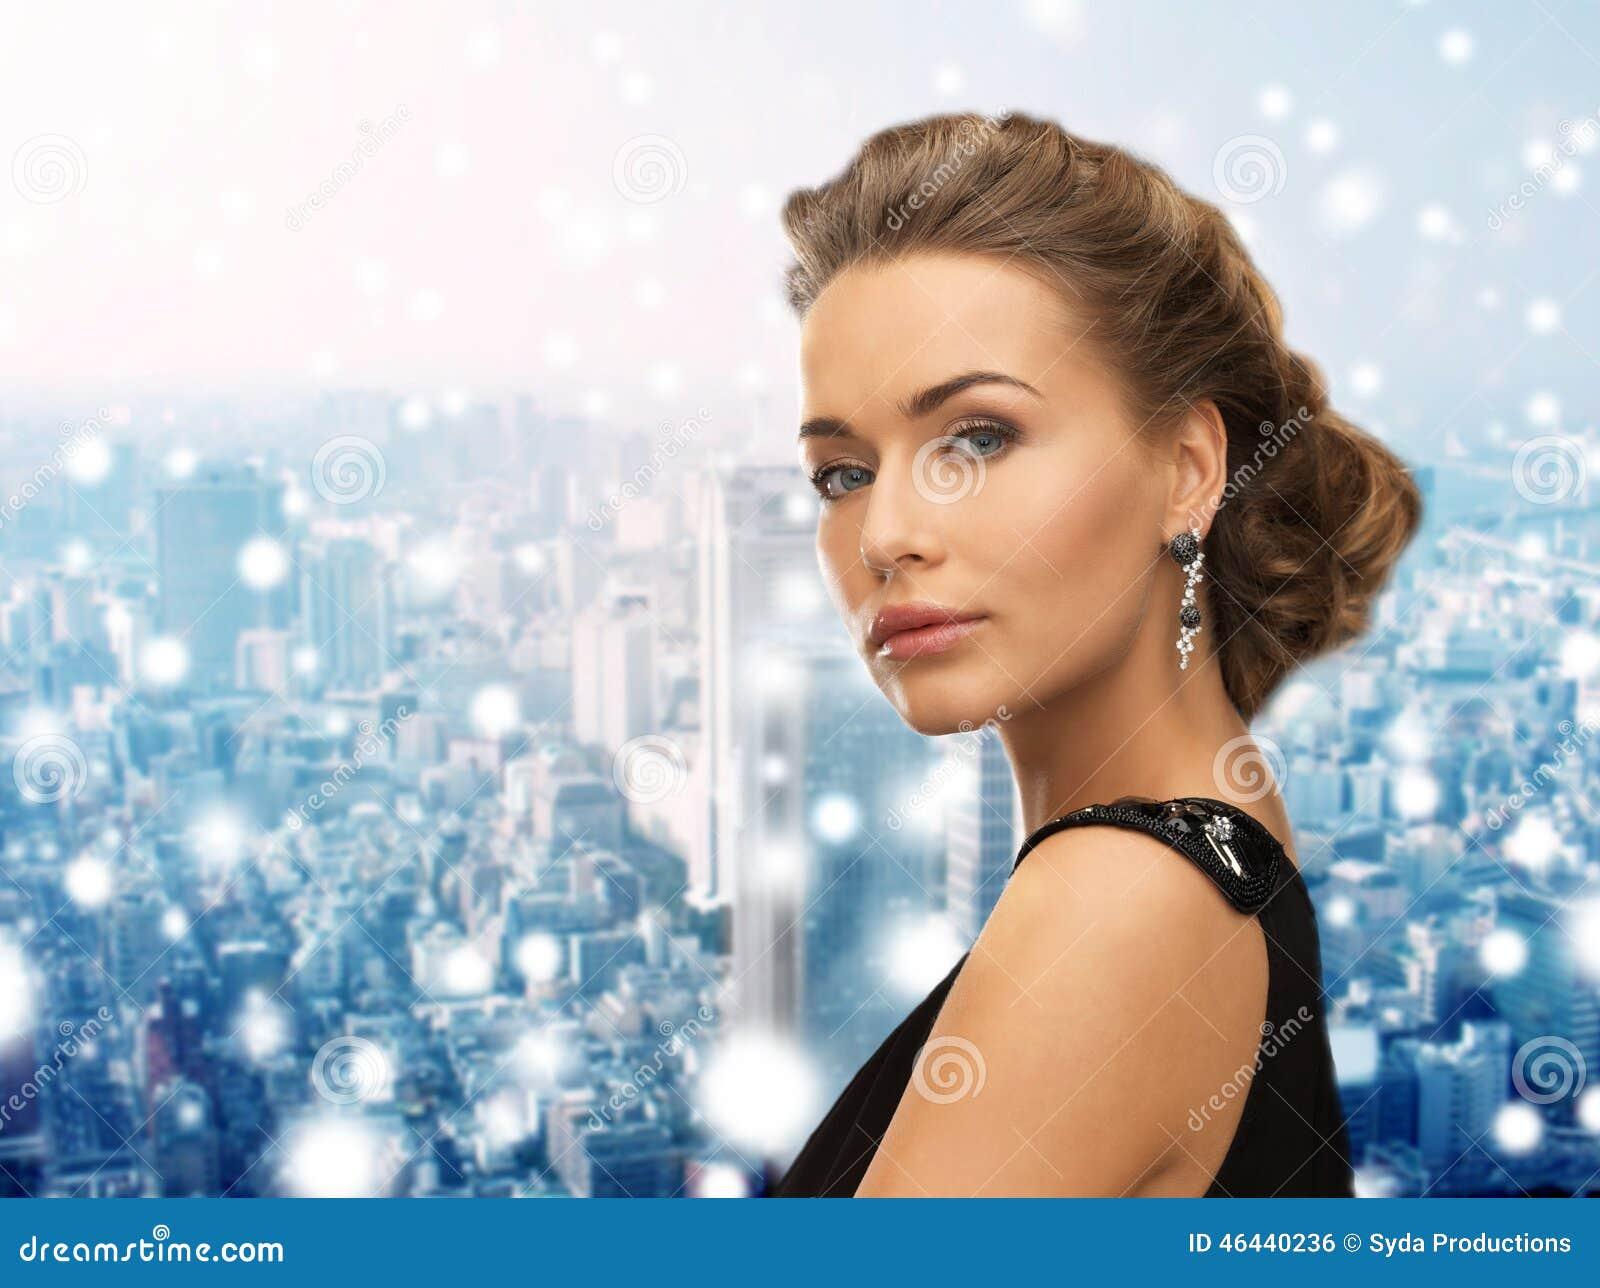 Beautiful woman in evening dress wearing earrings